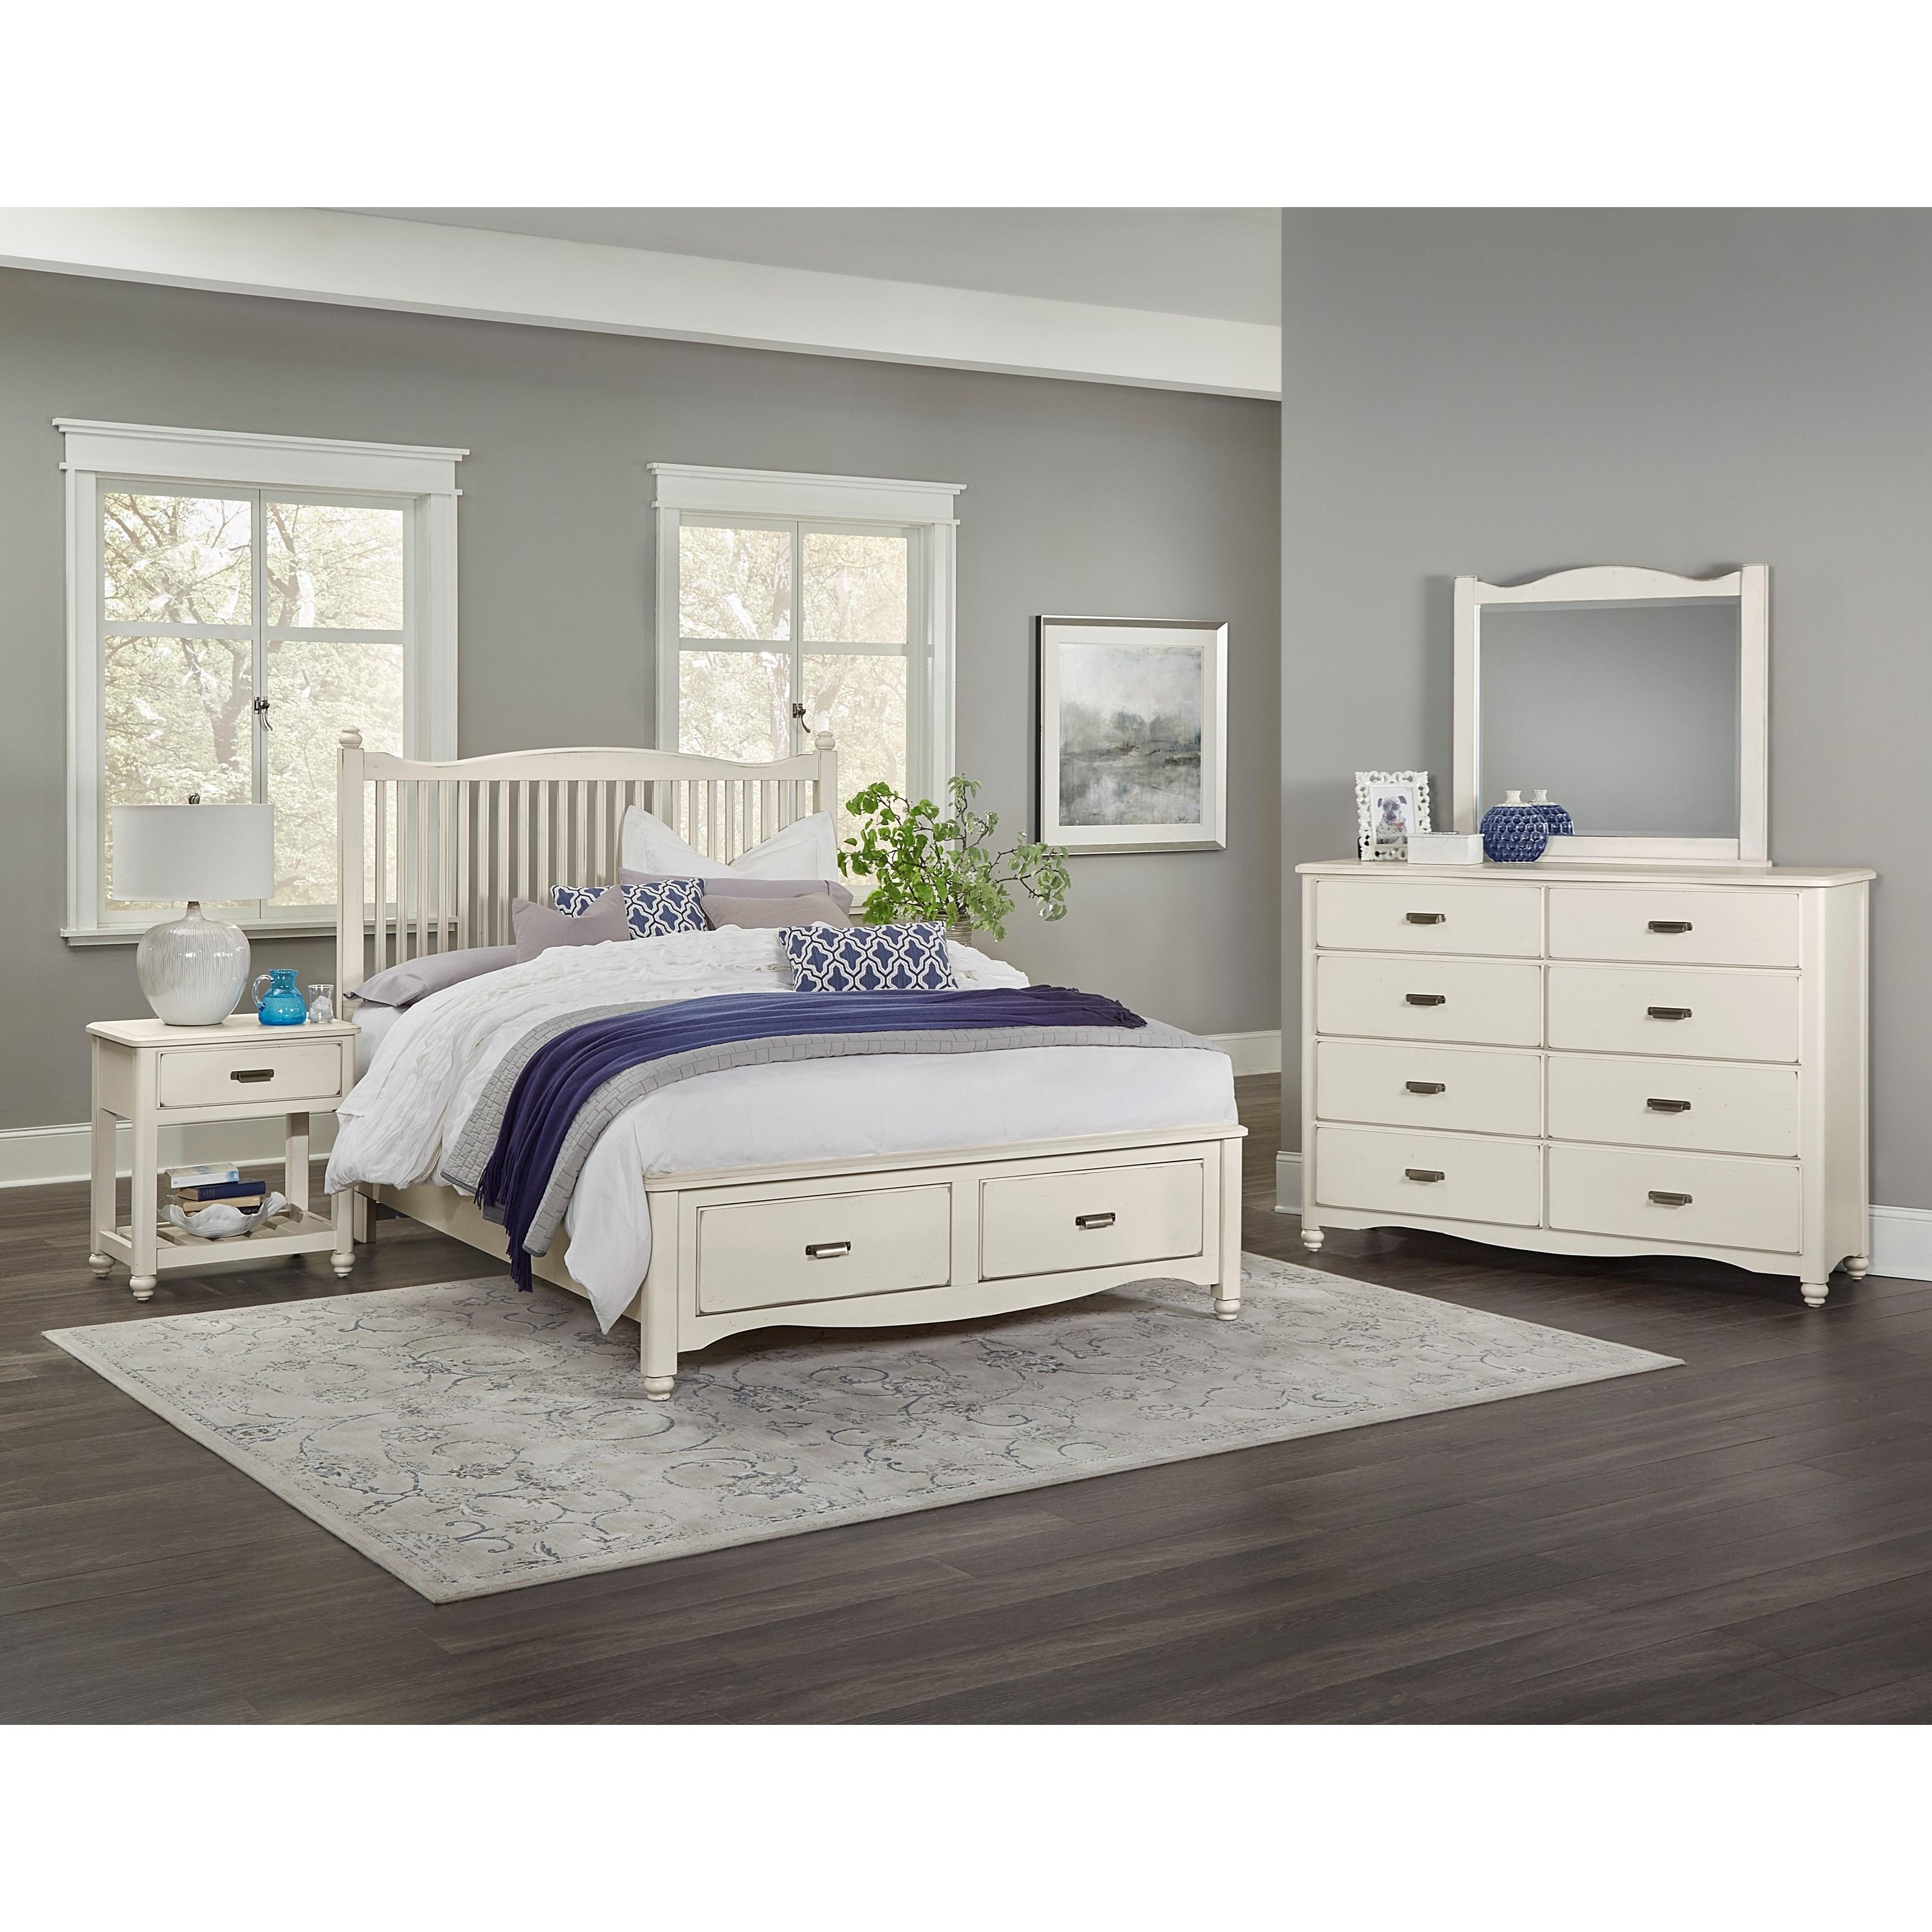 Vaughan Bassett Bedroom Set: Vaughan Bassett American Maple Queen Bedroom Group